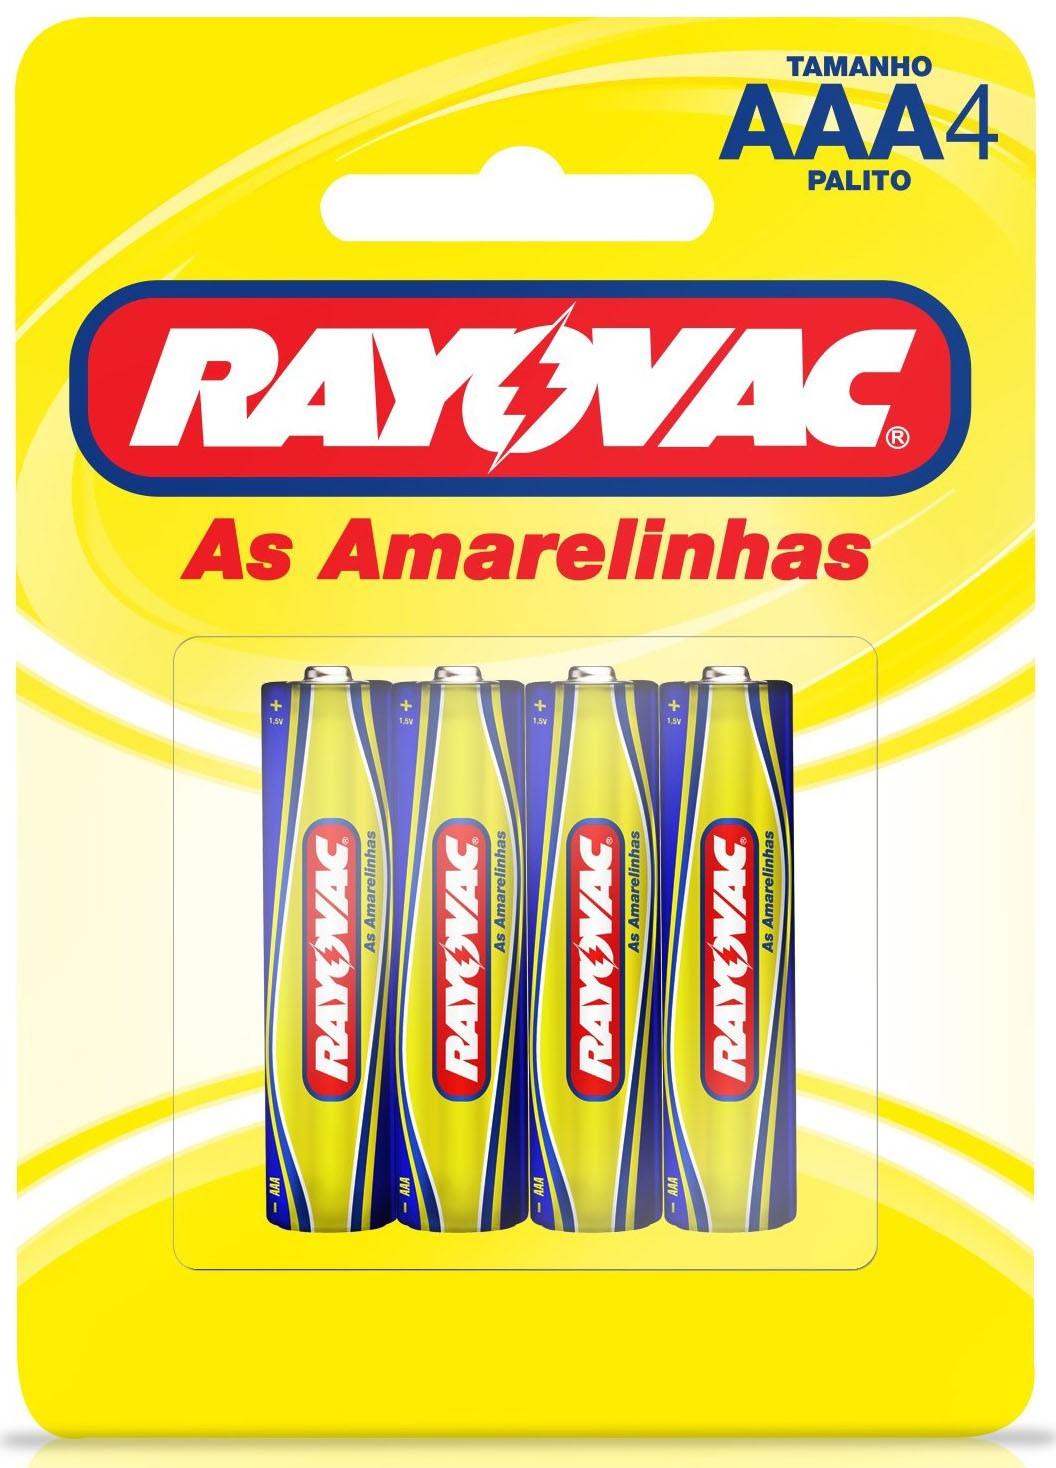 04 Pilhas AAA Zinco Carvão RAYOVAC 1 cartela